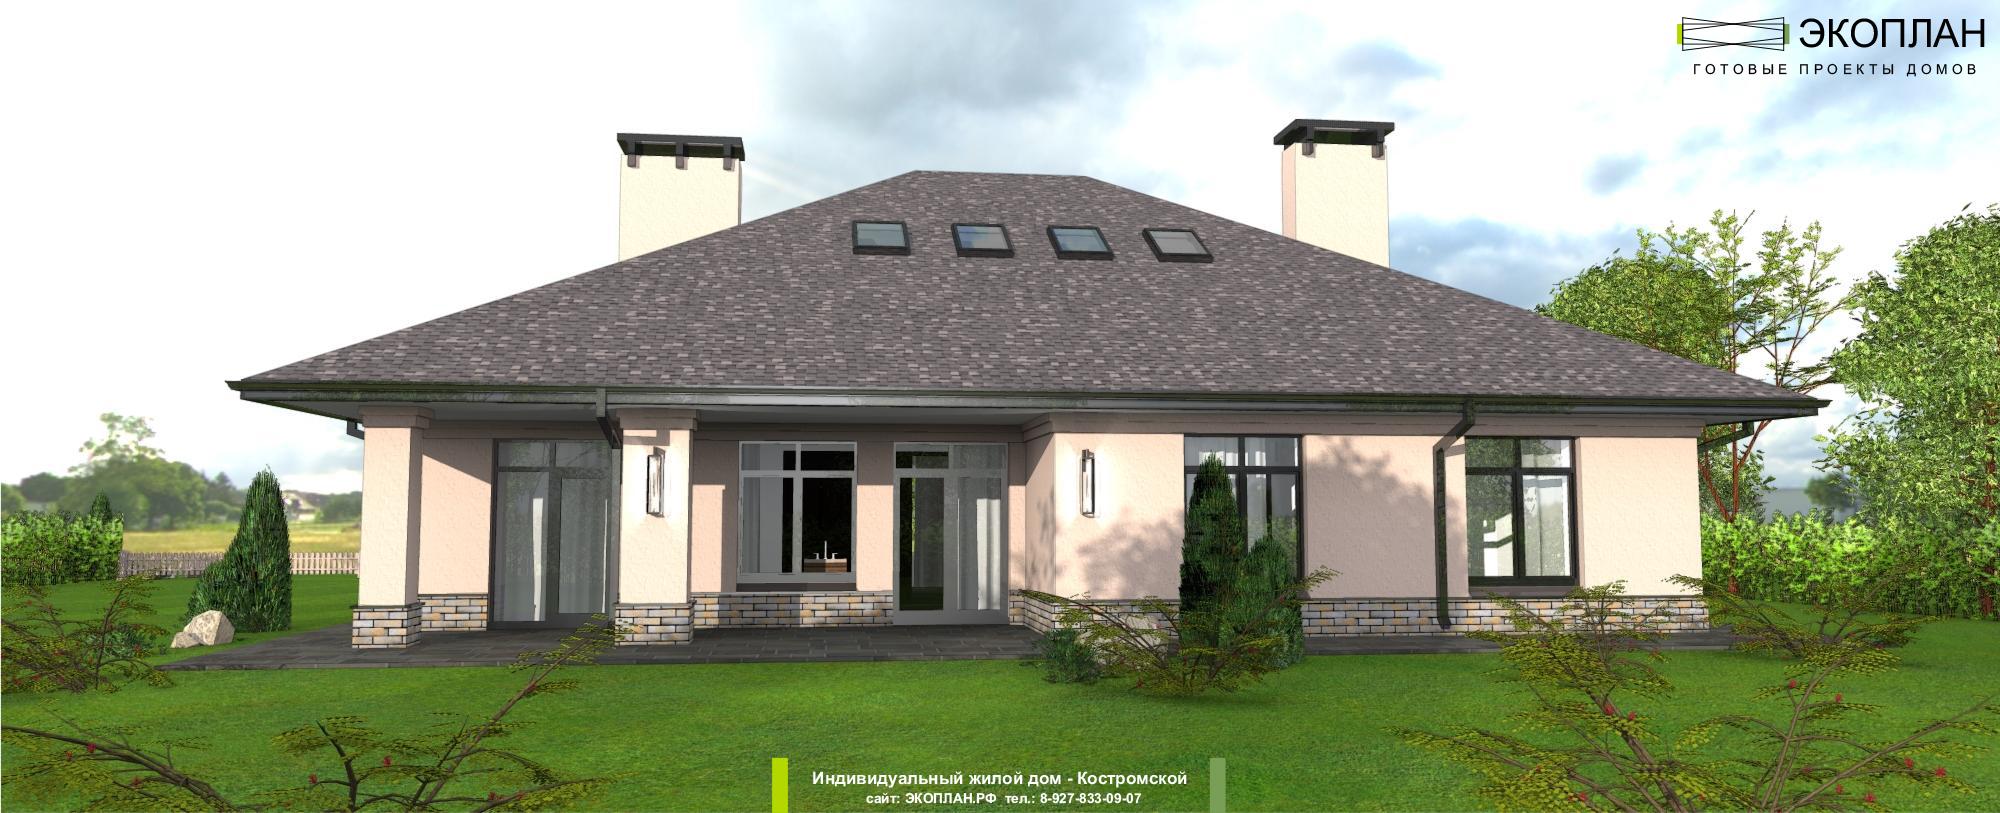 Готовый проект дома - Костромской - Ульяновск фасад